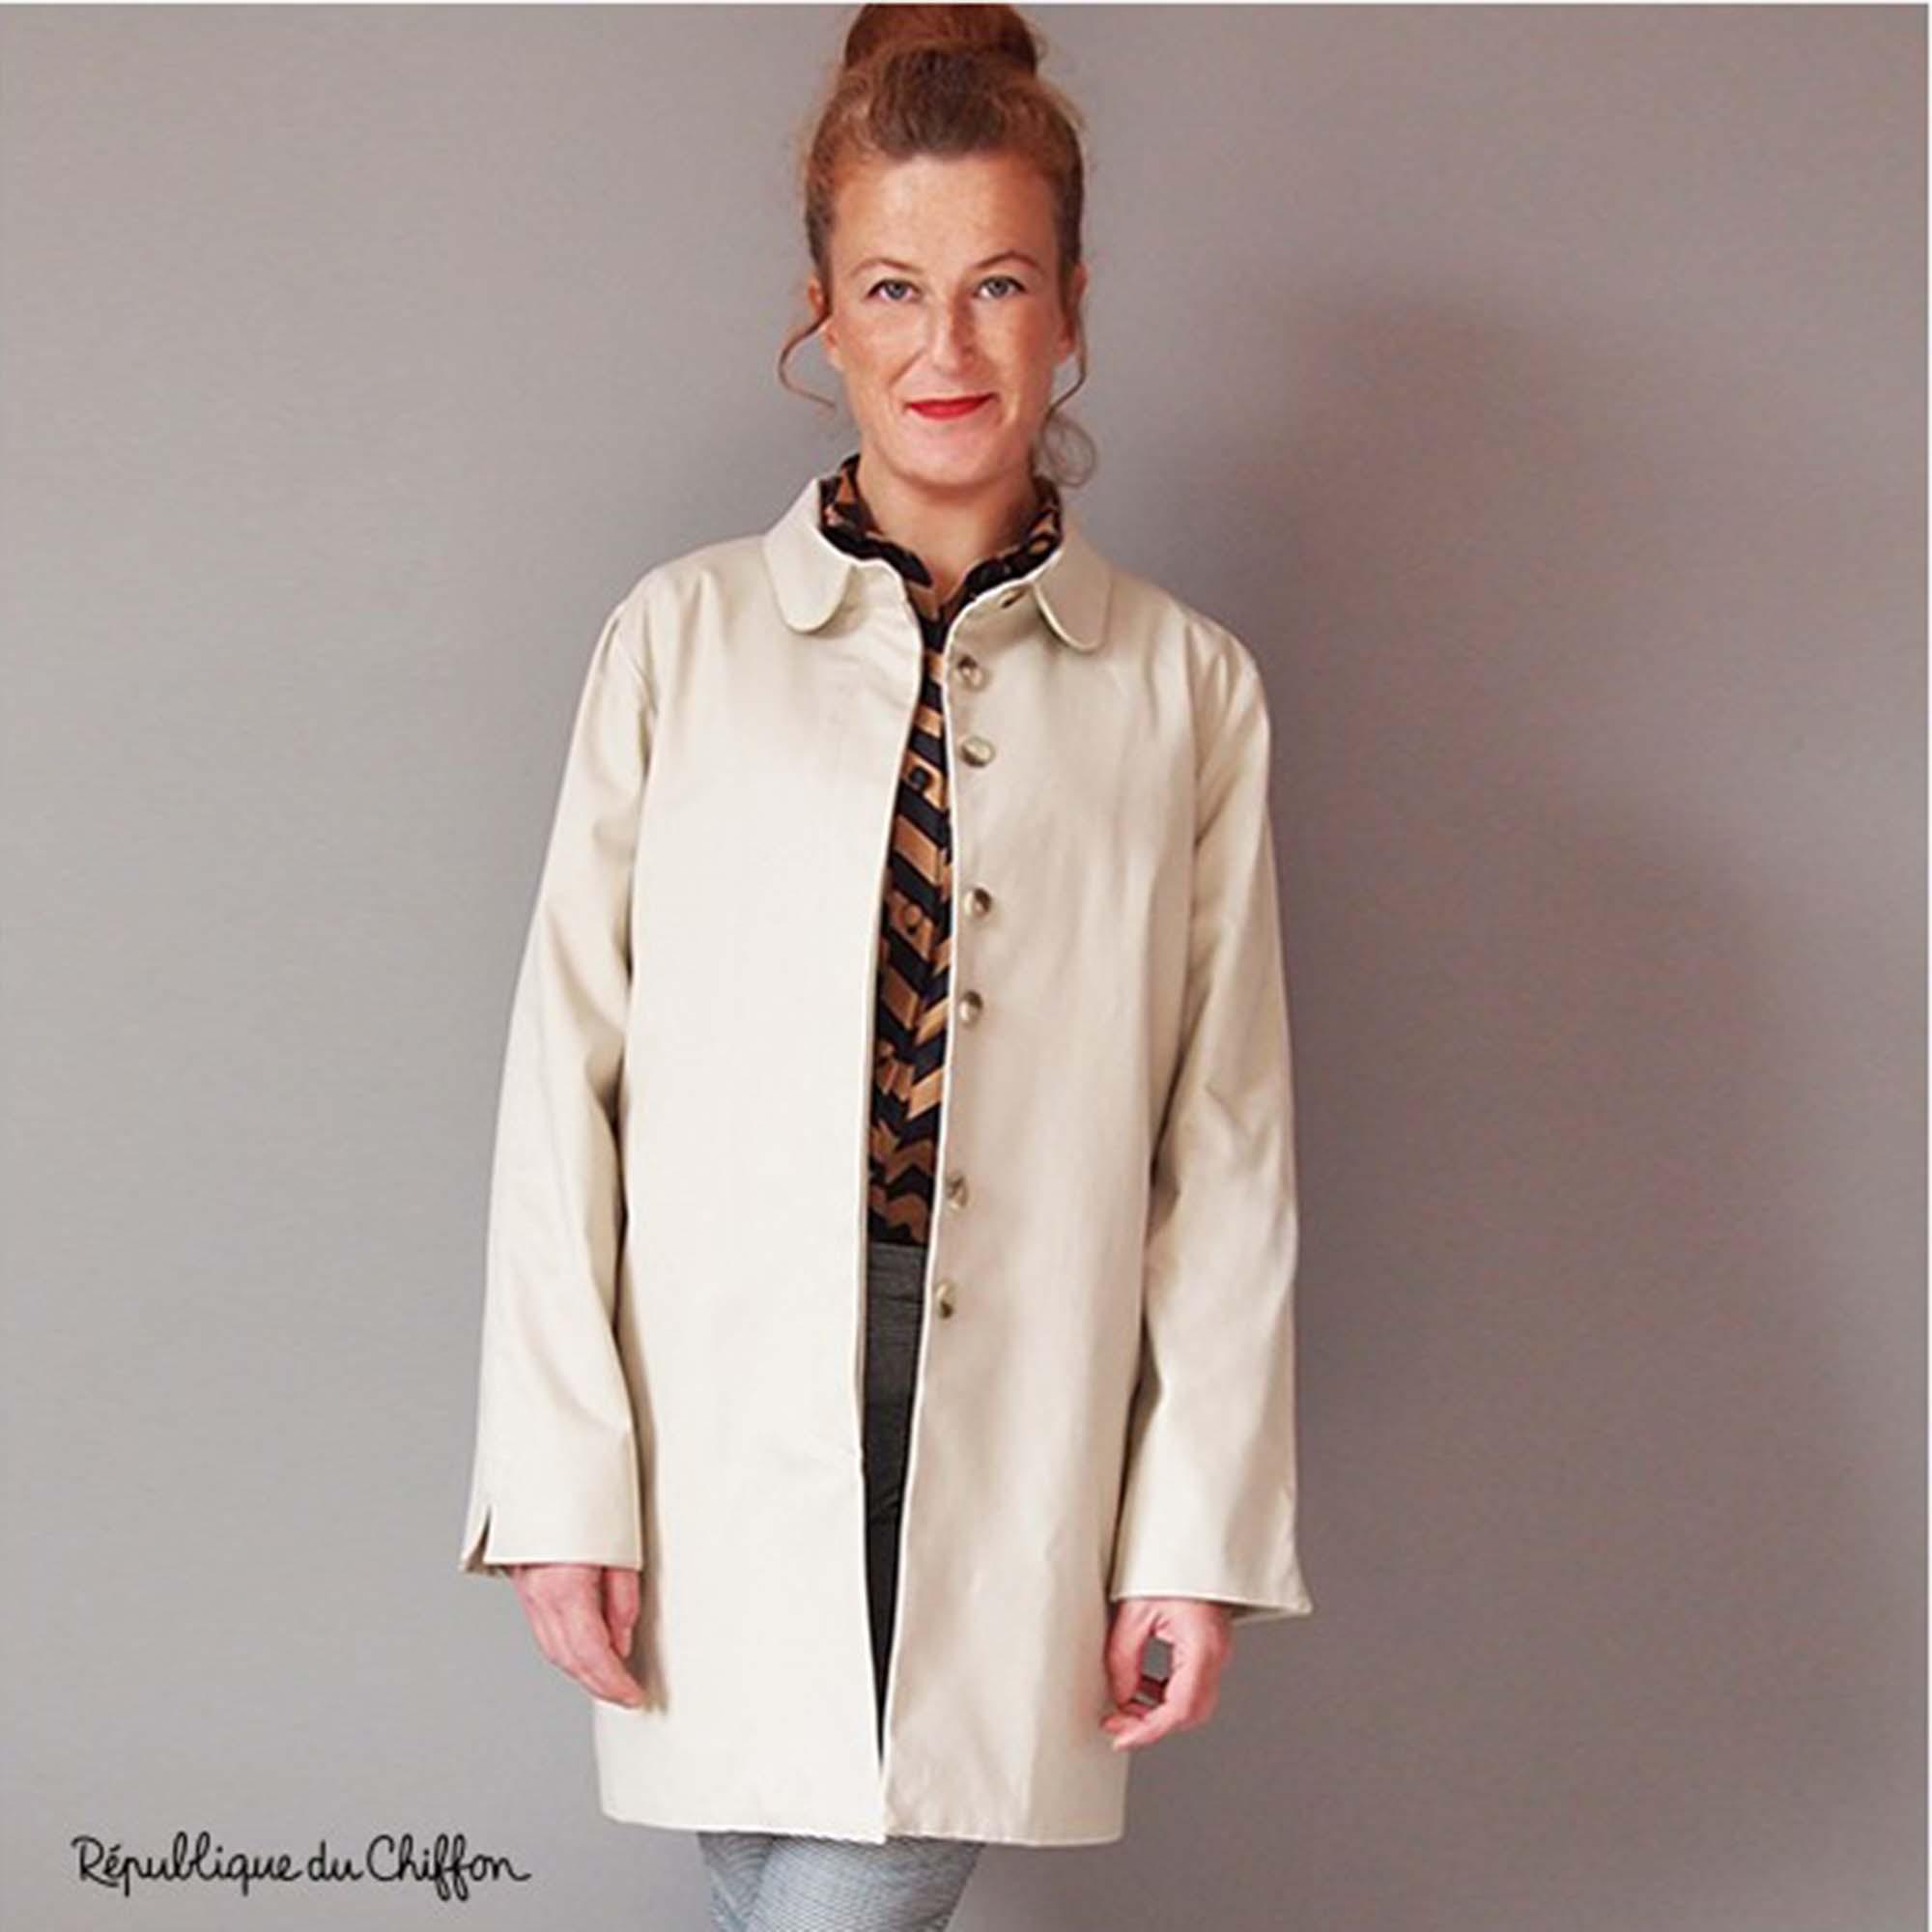 Femme Du Roger Trench République Patron Chiffon Couture 0wPXNn8Ok